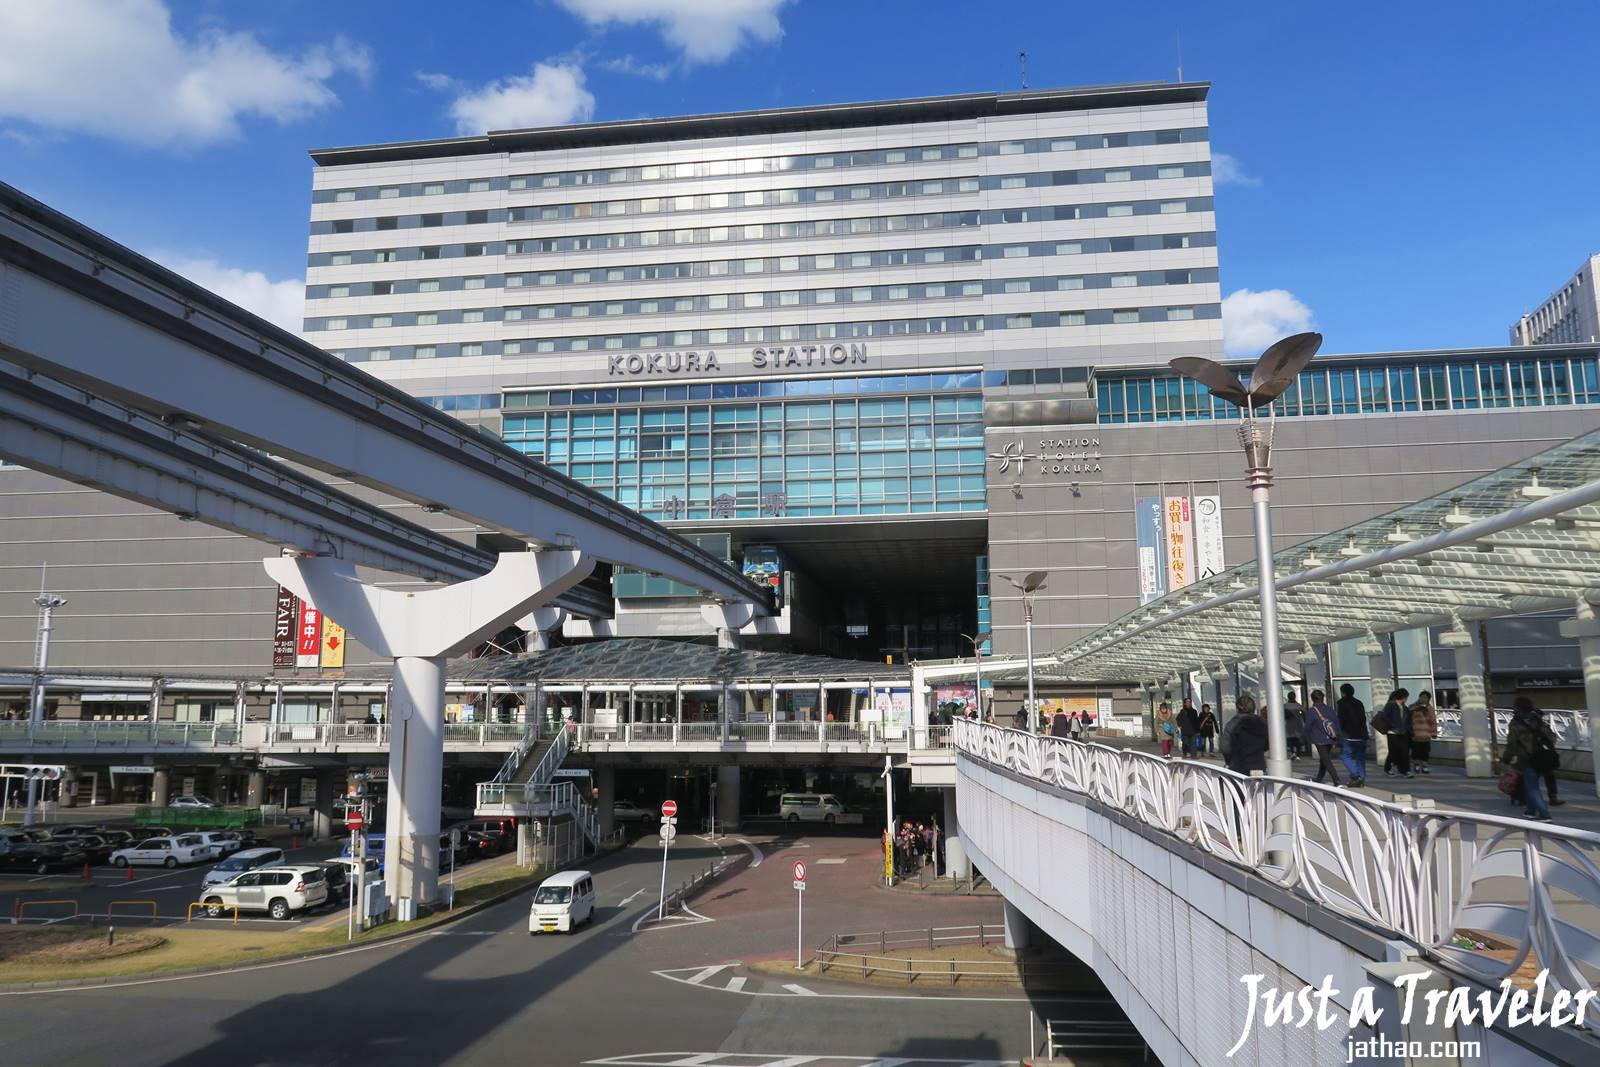 福岡-景點-推薦-小倉-福岡好玩景點-福岡必玩景點-福岡必去景點-福岡自由行景點-攻略-市區-郊區-福岡觀光景點-福岡旅遊景點-福岡旅行-福岡行程-Fukuoka-Tourist-Attraction